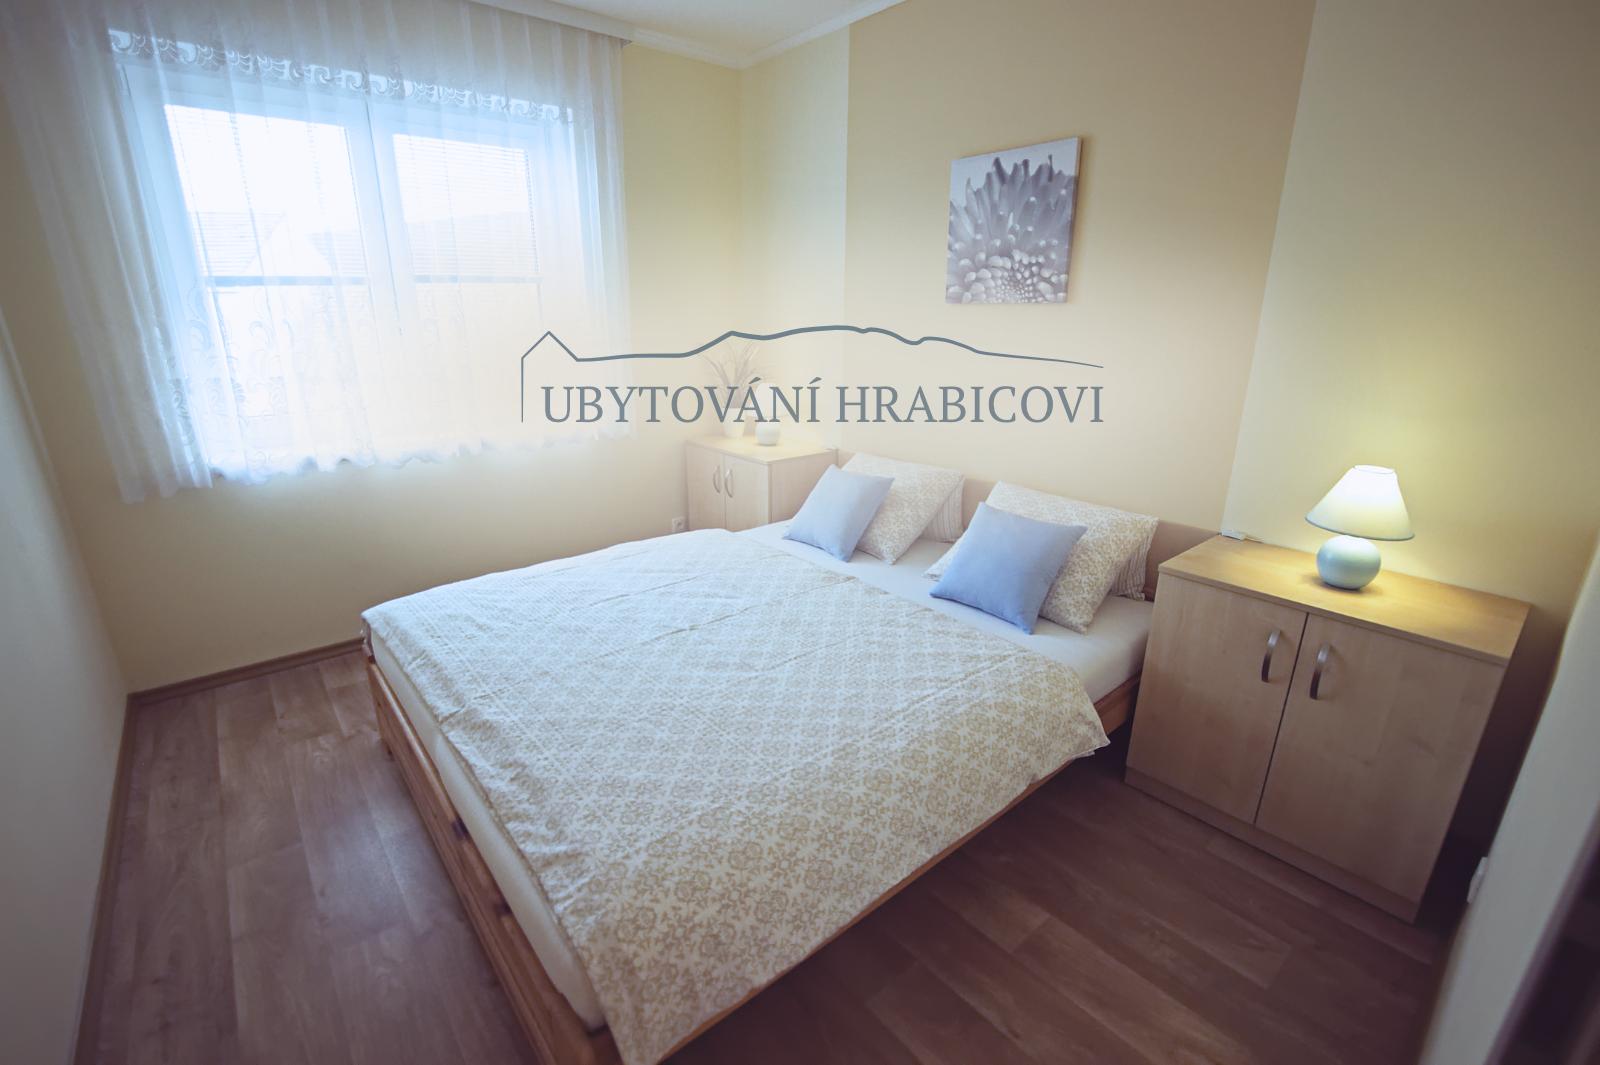 04 Ubytování Hrabicovi Milovice Pálava Mikulov